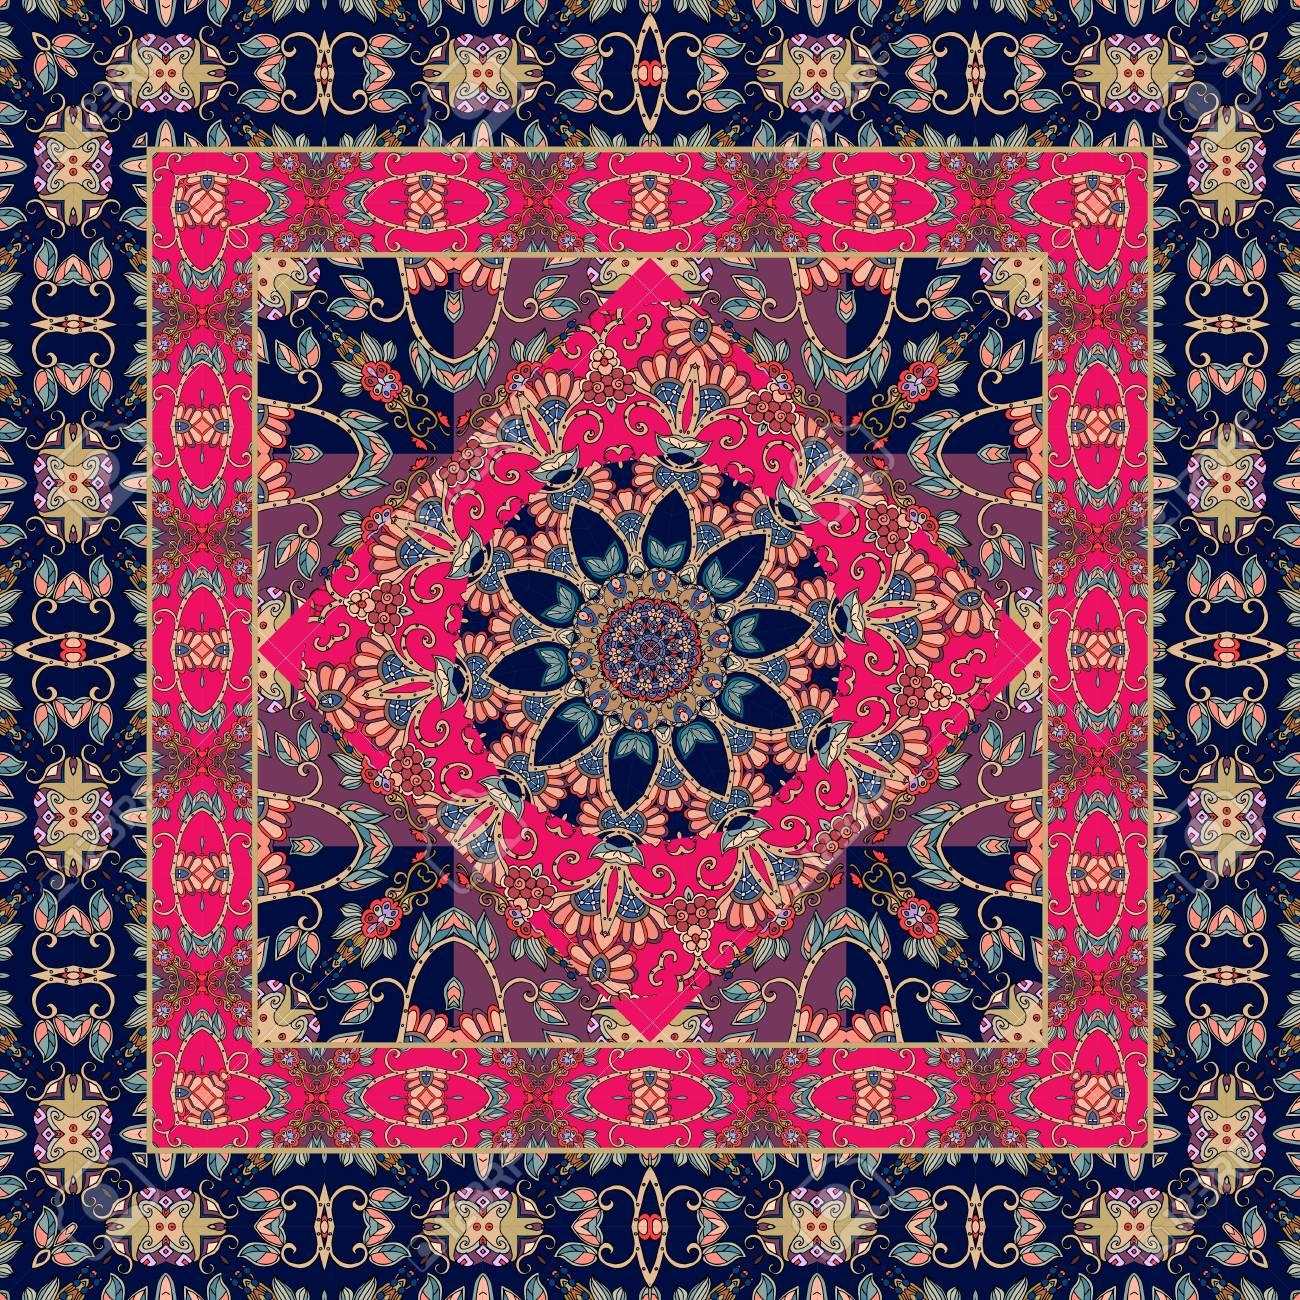 Tapis Indien Carre Avec Fleur Mandala Et Bordure Ornementale